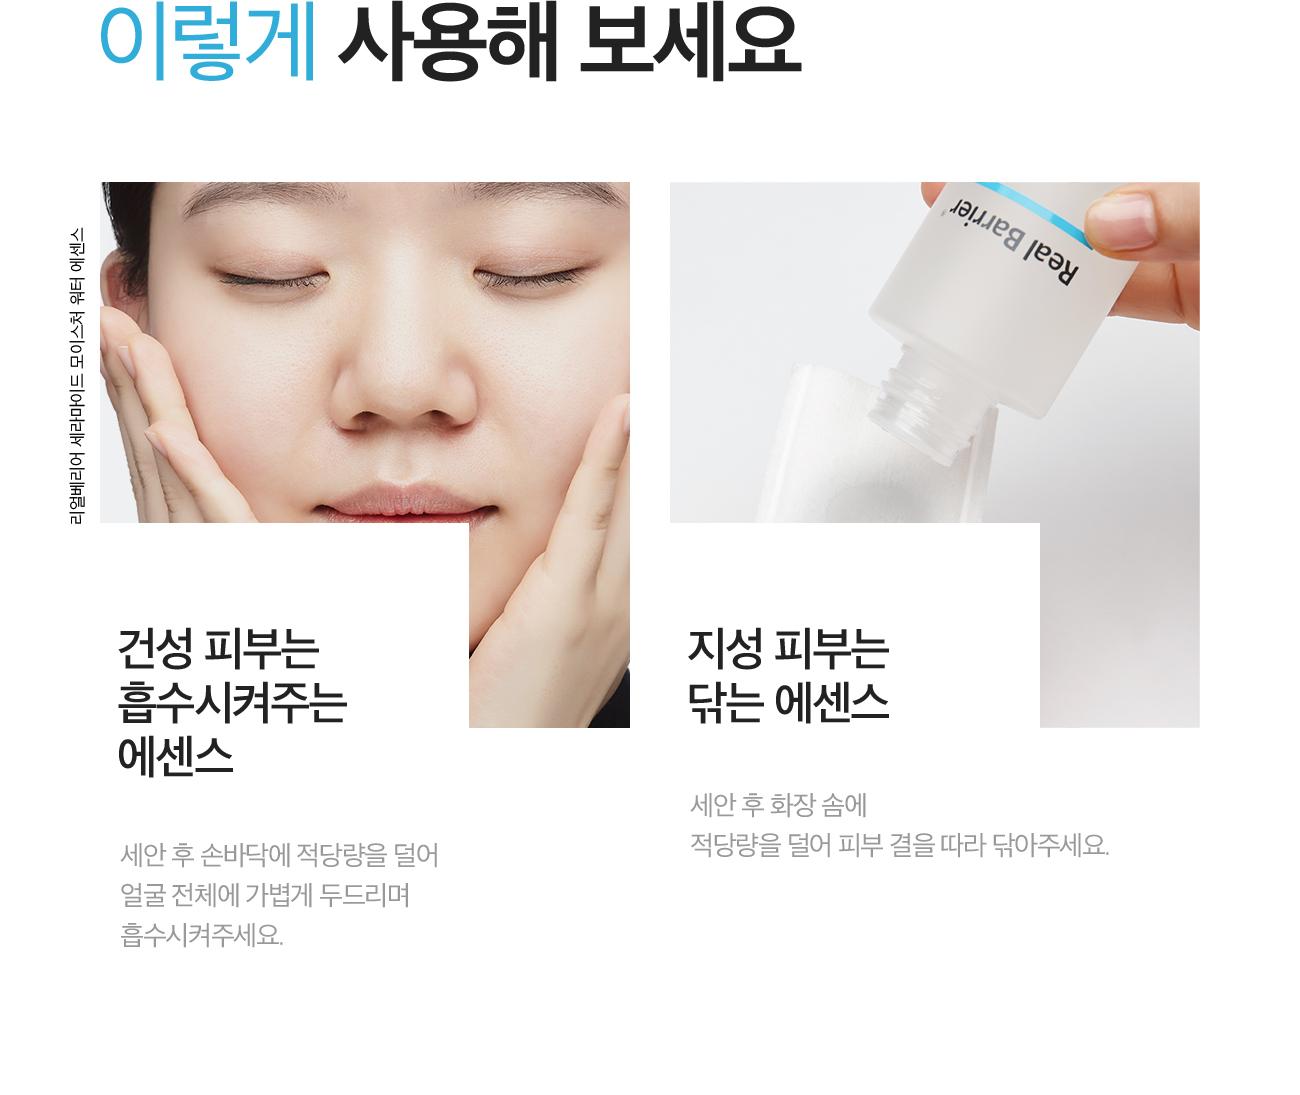 이렇게 사용해 보세요. 건성 피부는 흡수시켜주는 에센스. 세안 후 손바닥에 적당량을 덜어 얼굴 전체에 가볍게 두드리며 흡수시켜주세요. 지성 피부는 닦는 에센스. 세안 후 화장 솜에 적당량을 덜어 피부 결을 따라 닦아주세요.